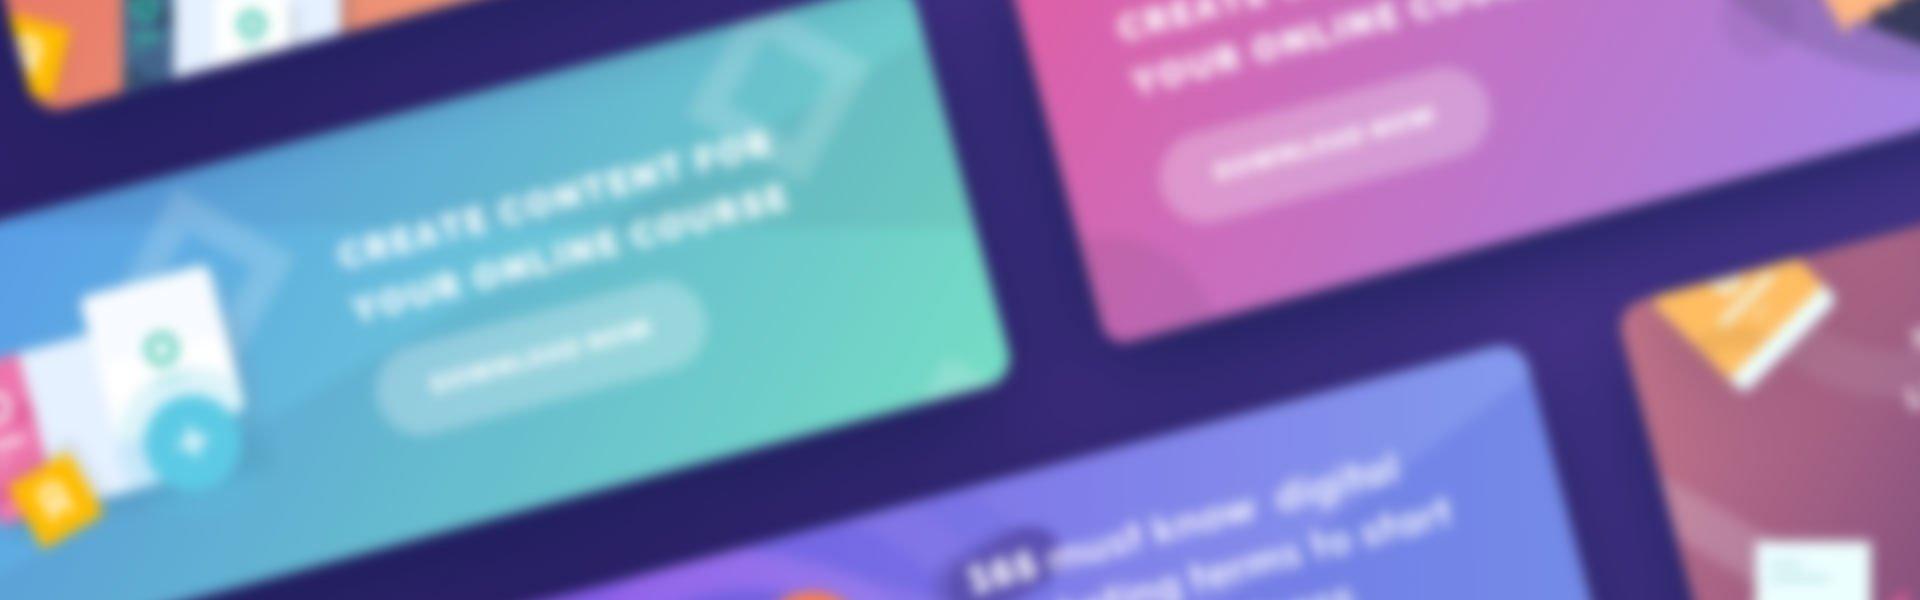 header-articol-custom-cta.jpg